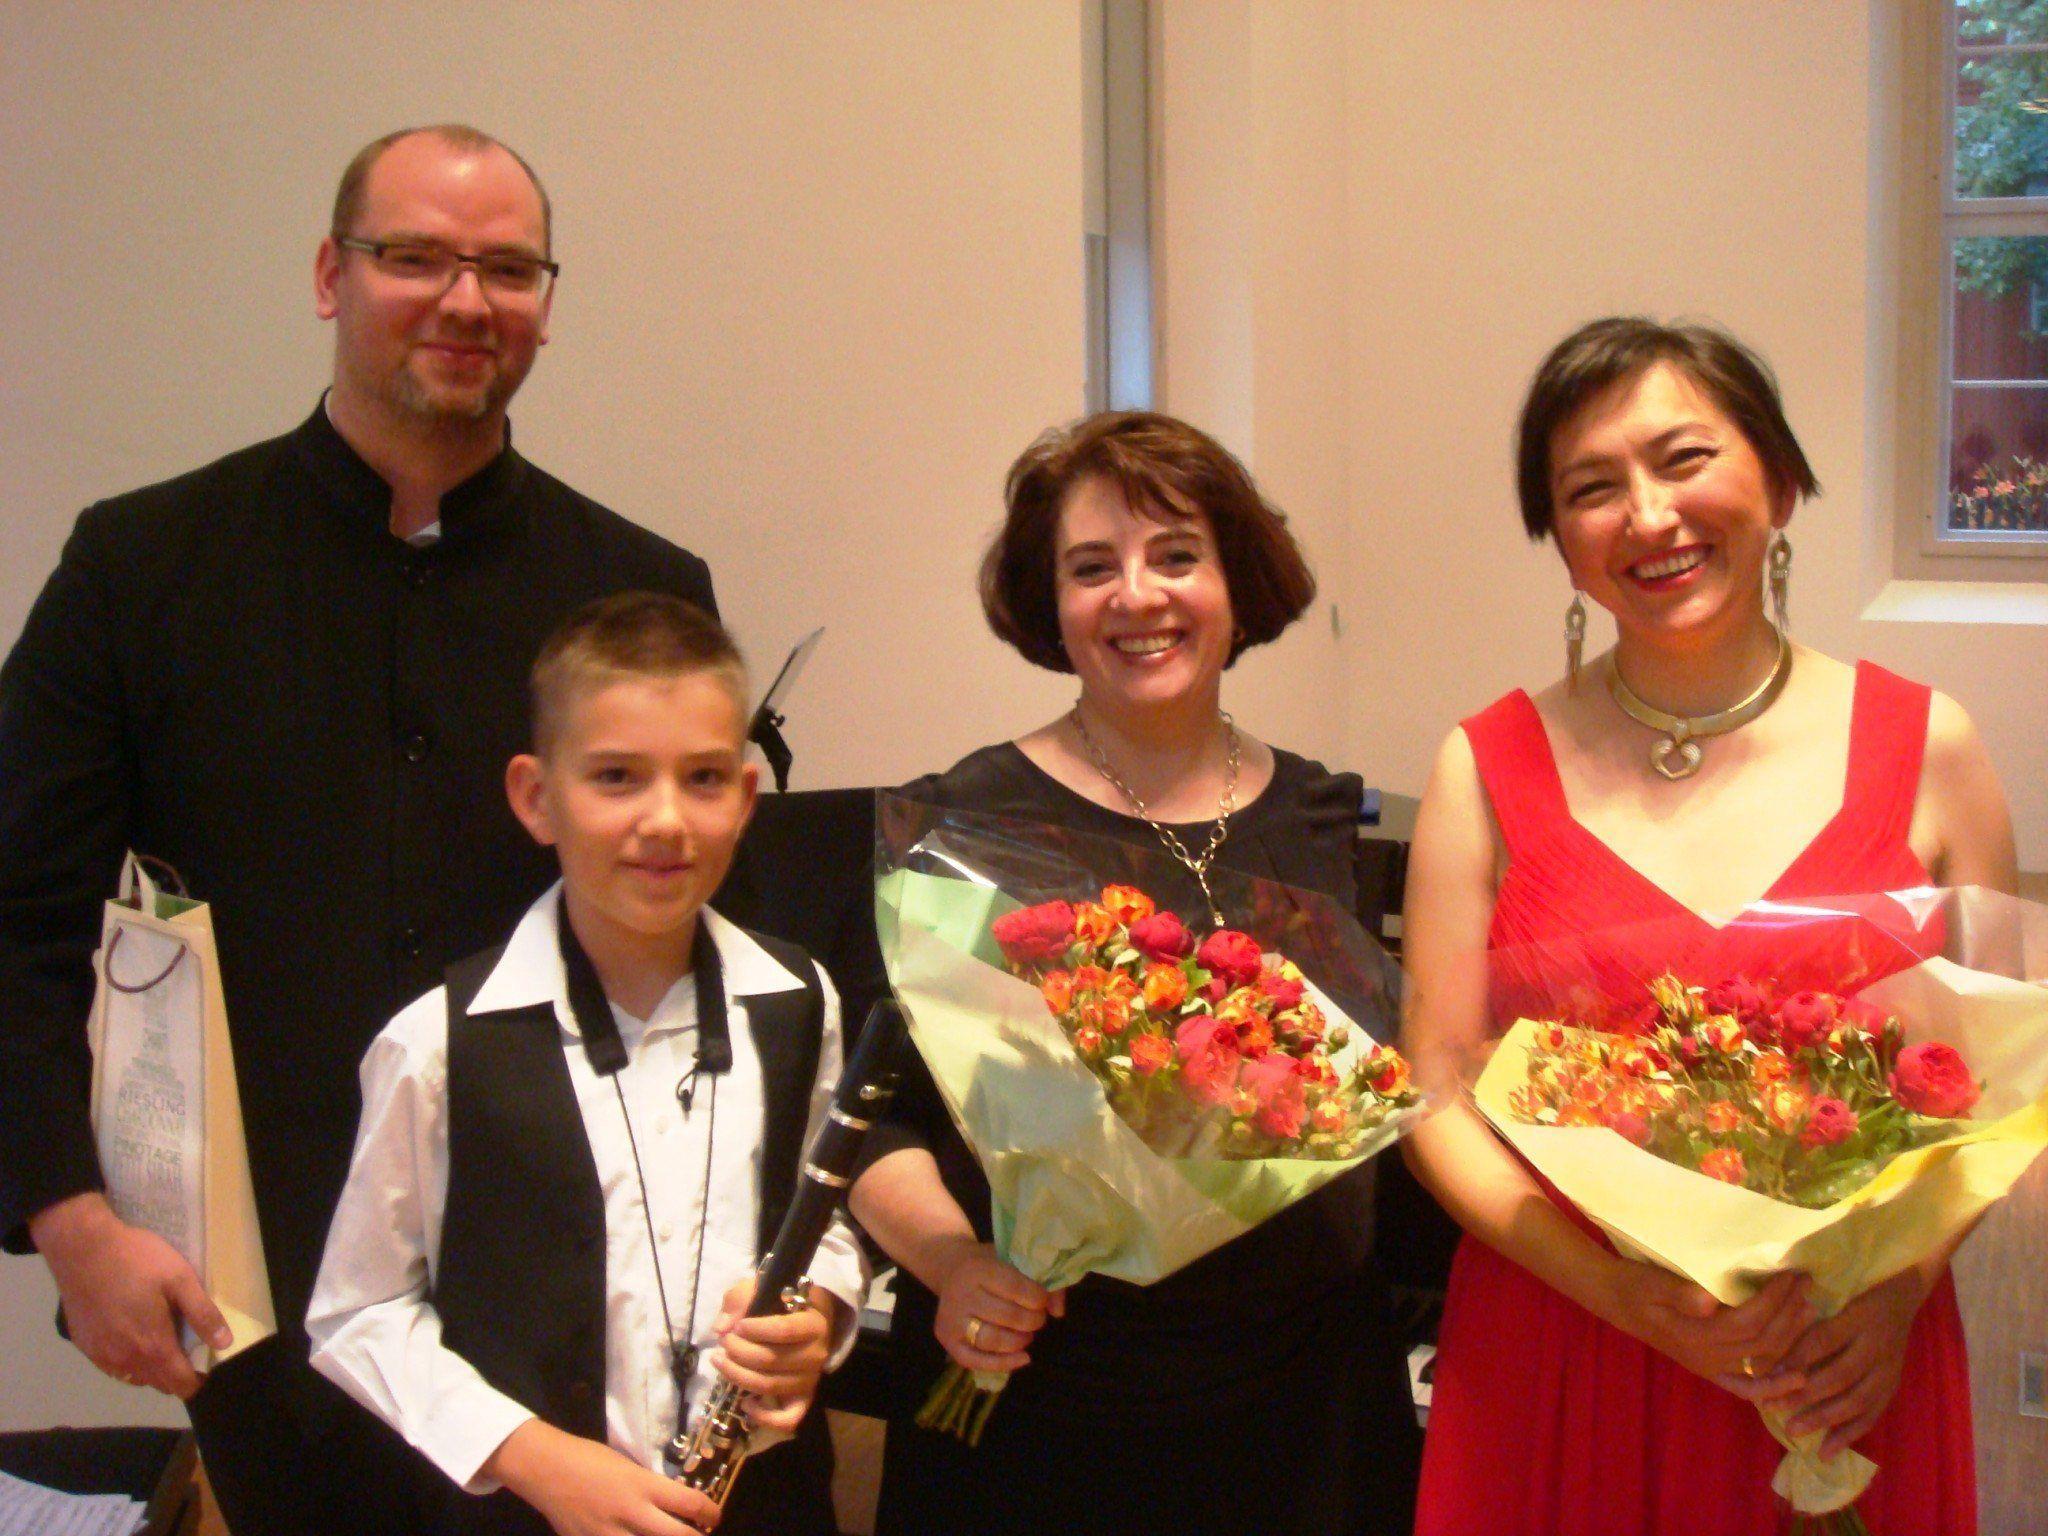 Martin Gallez, Alexander Svetnitsky, Elena Medwedeva-Büchel und Elena Svetnitskaya. Foto: Privat